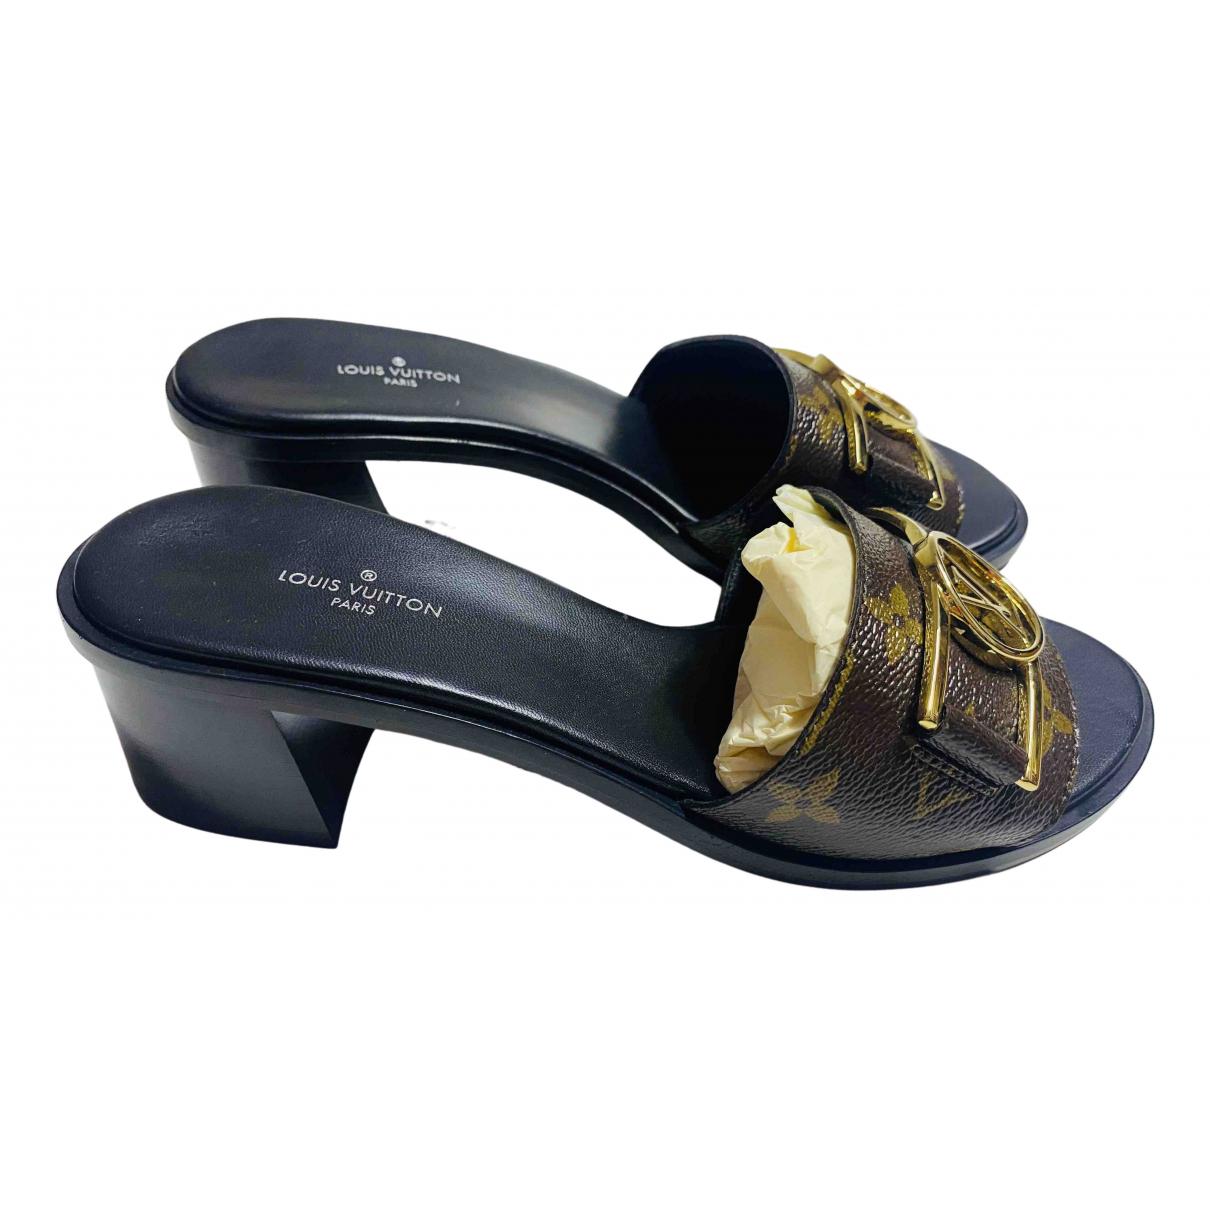 Louis Vuitton - Sandales   pour femme en cuir - noir